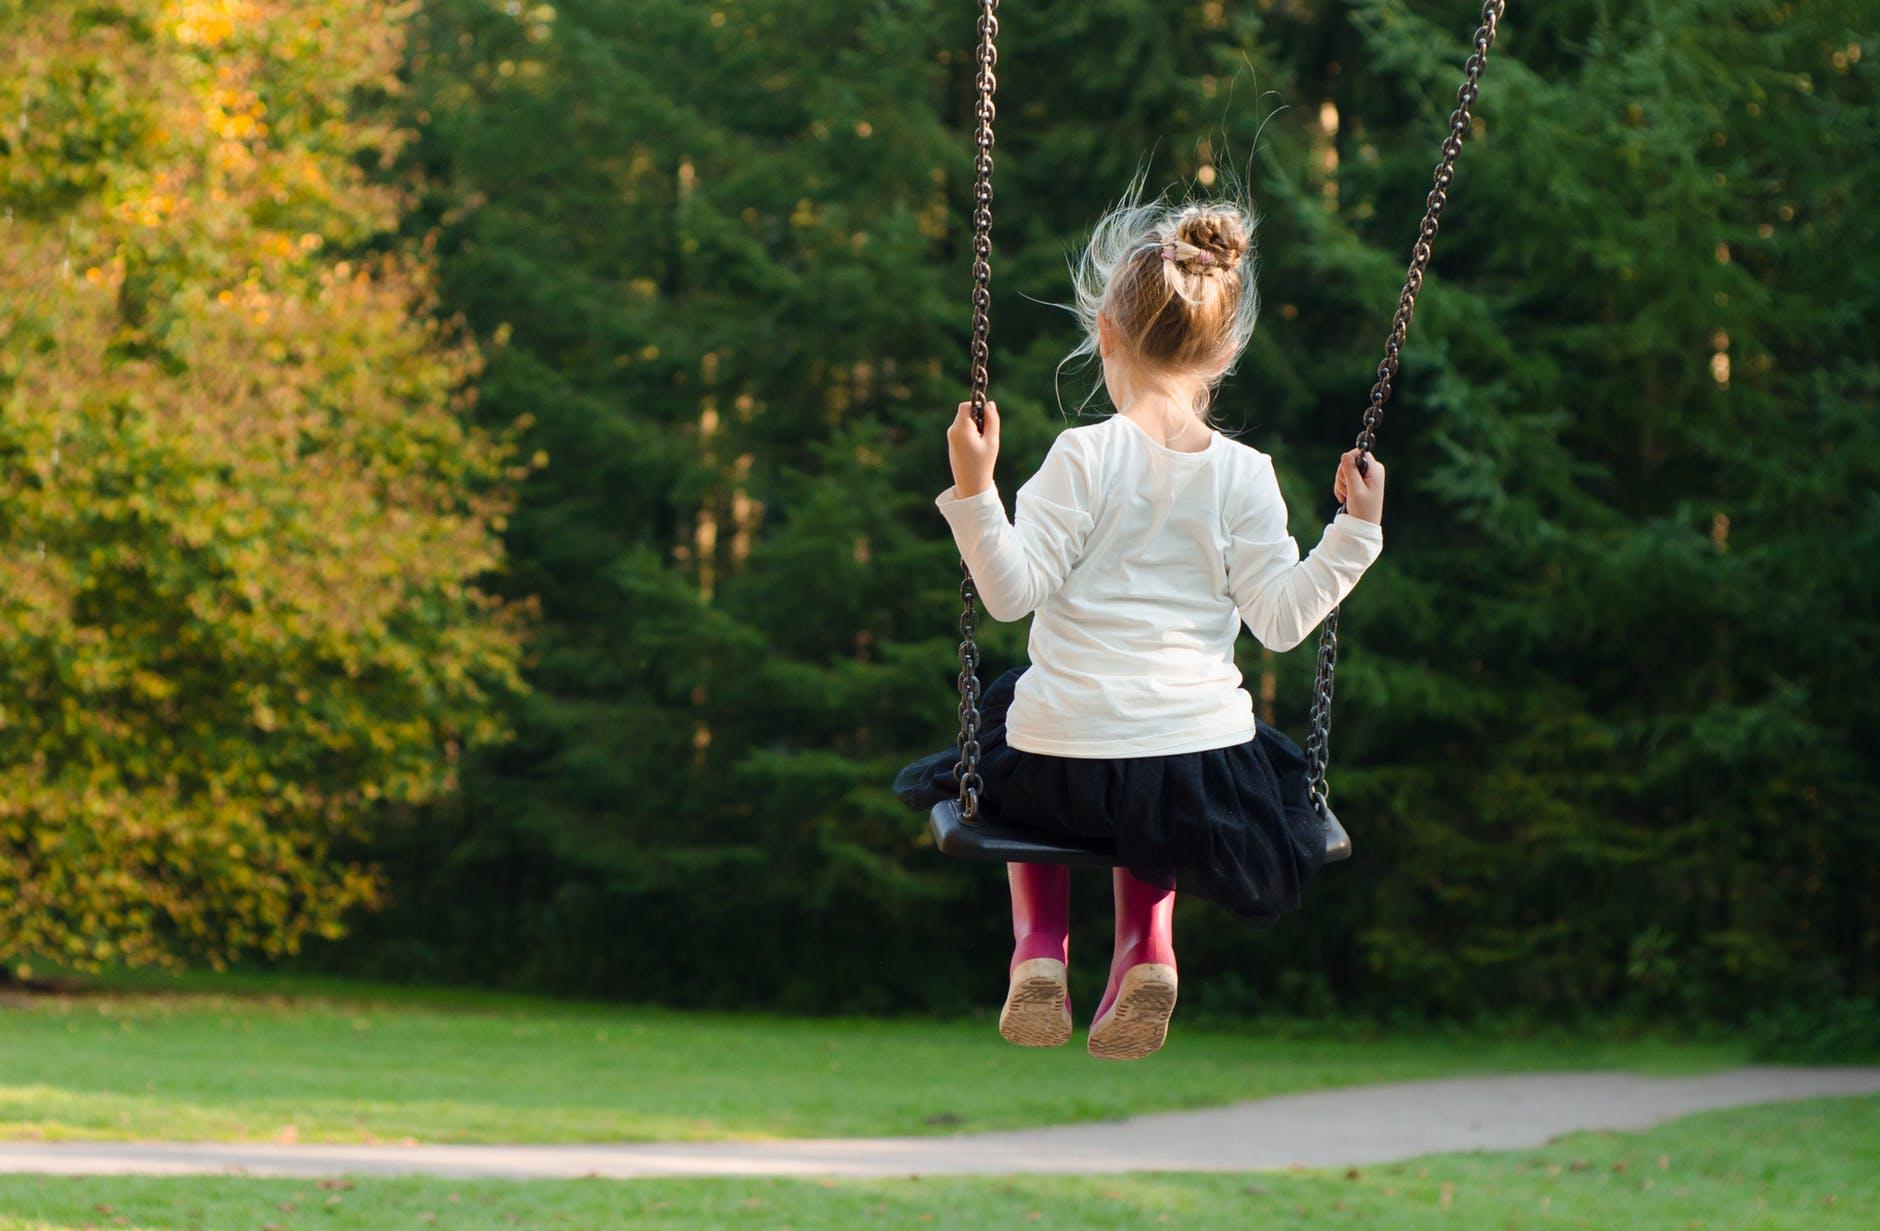 10 умений, которым рекомендуют обучить ребенка к 4 годам